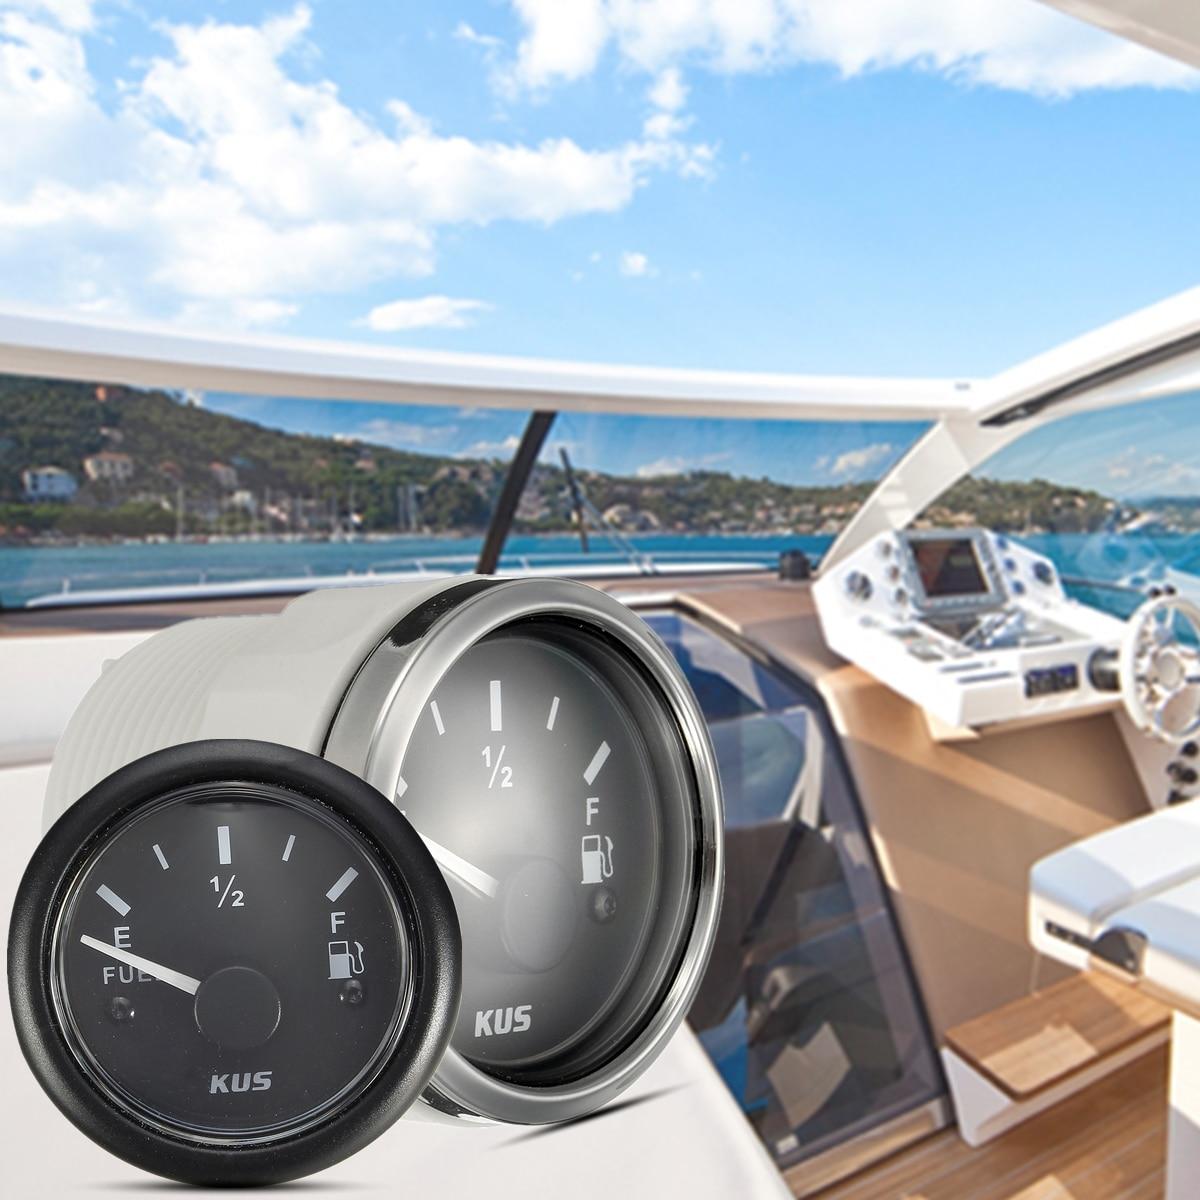 12/24 v IP67 Multi-spine Presa di Collegamento KUS Carburante/Acqua Indicatore di Livello Marine/Barca Serbatoio indicatore del livello di Nero 52mm 0-190 di Resistenza